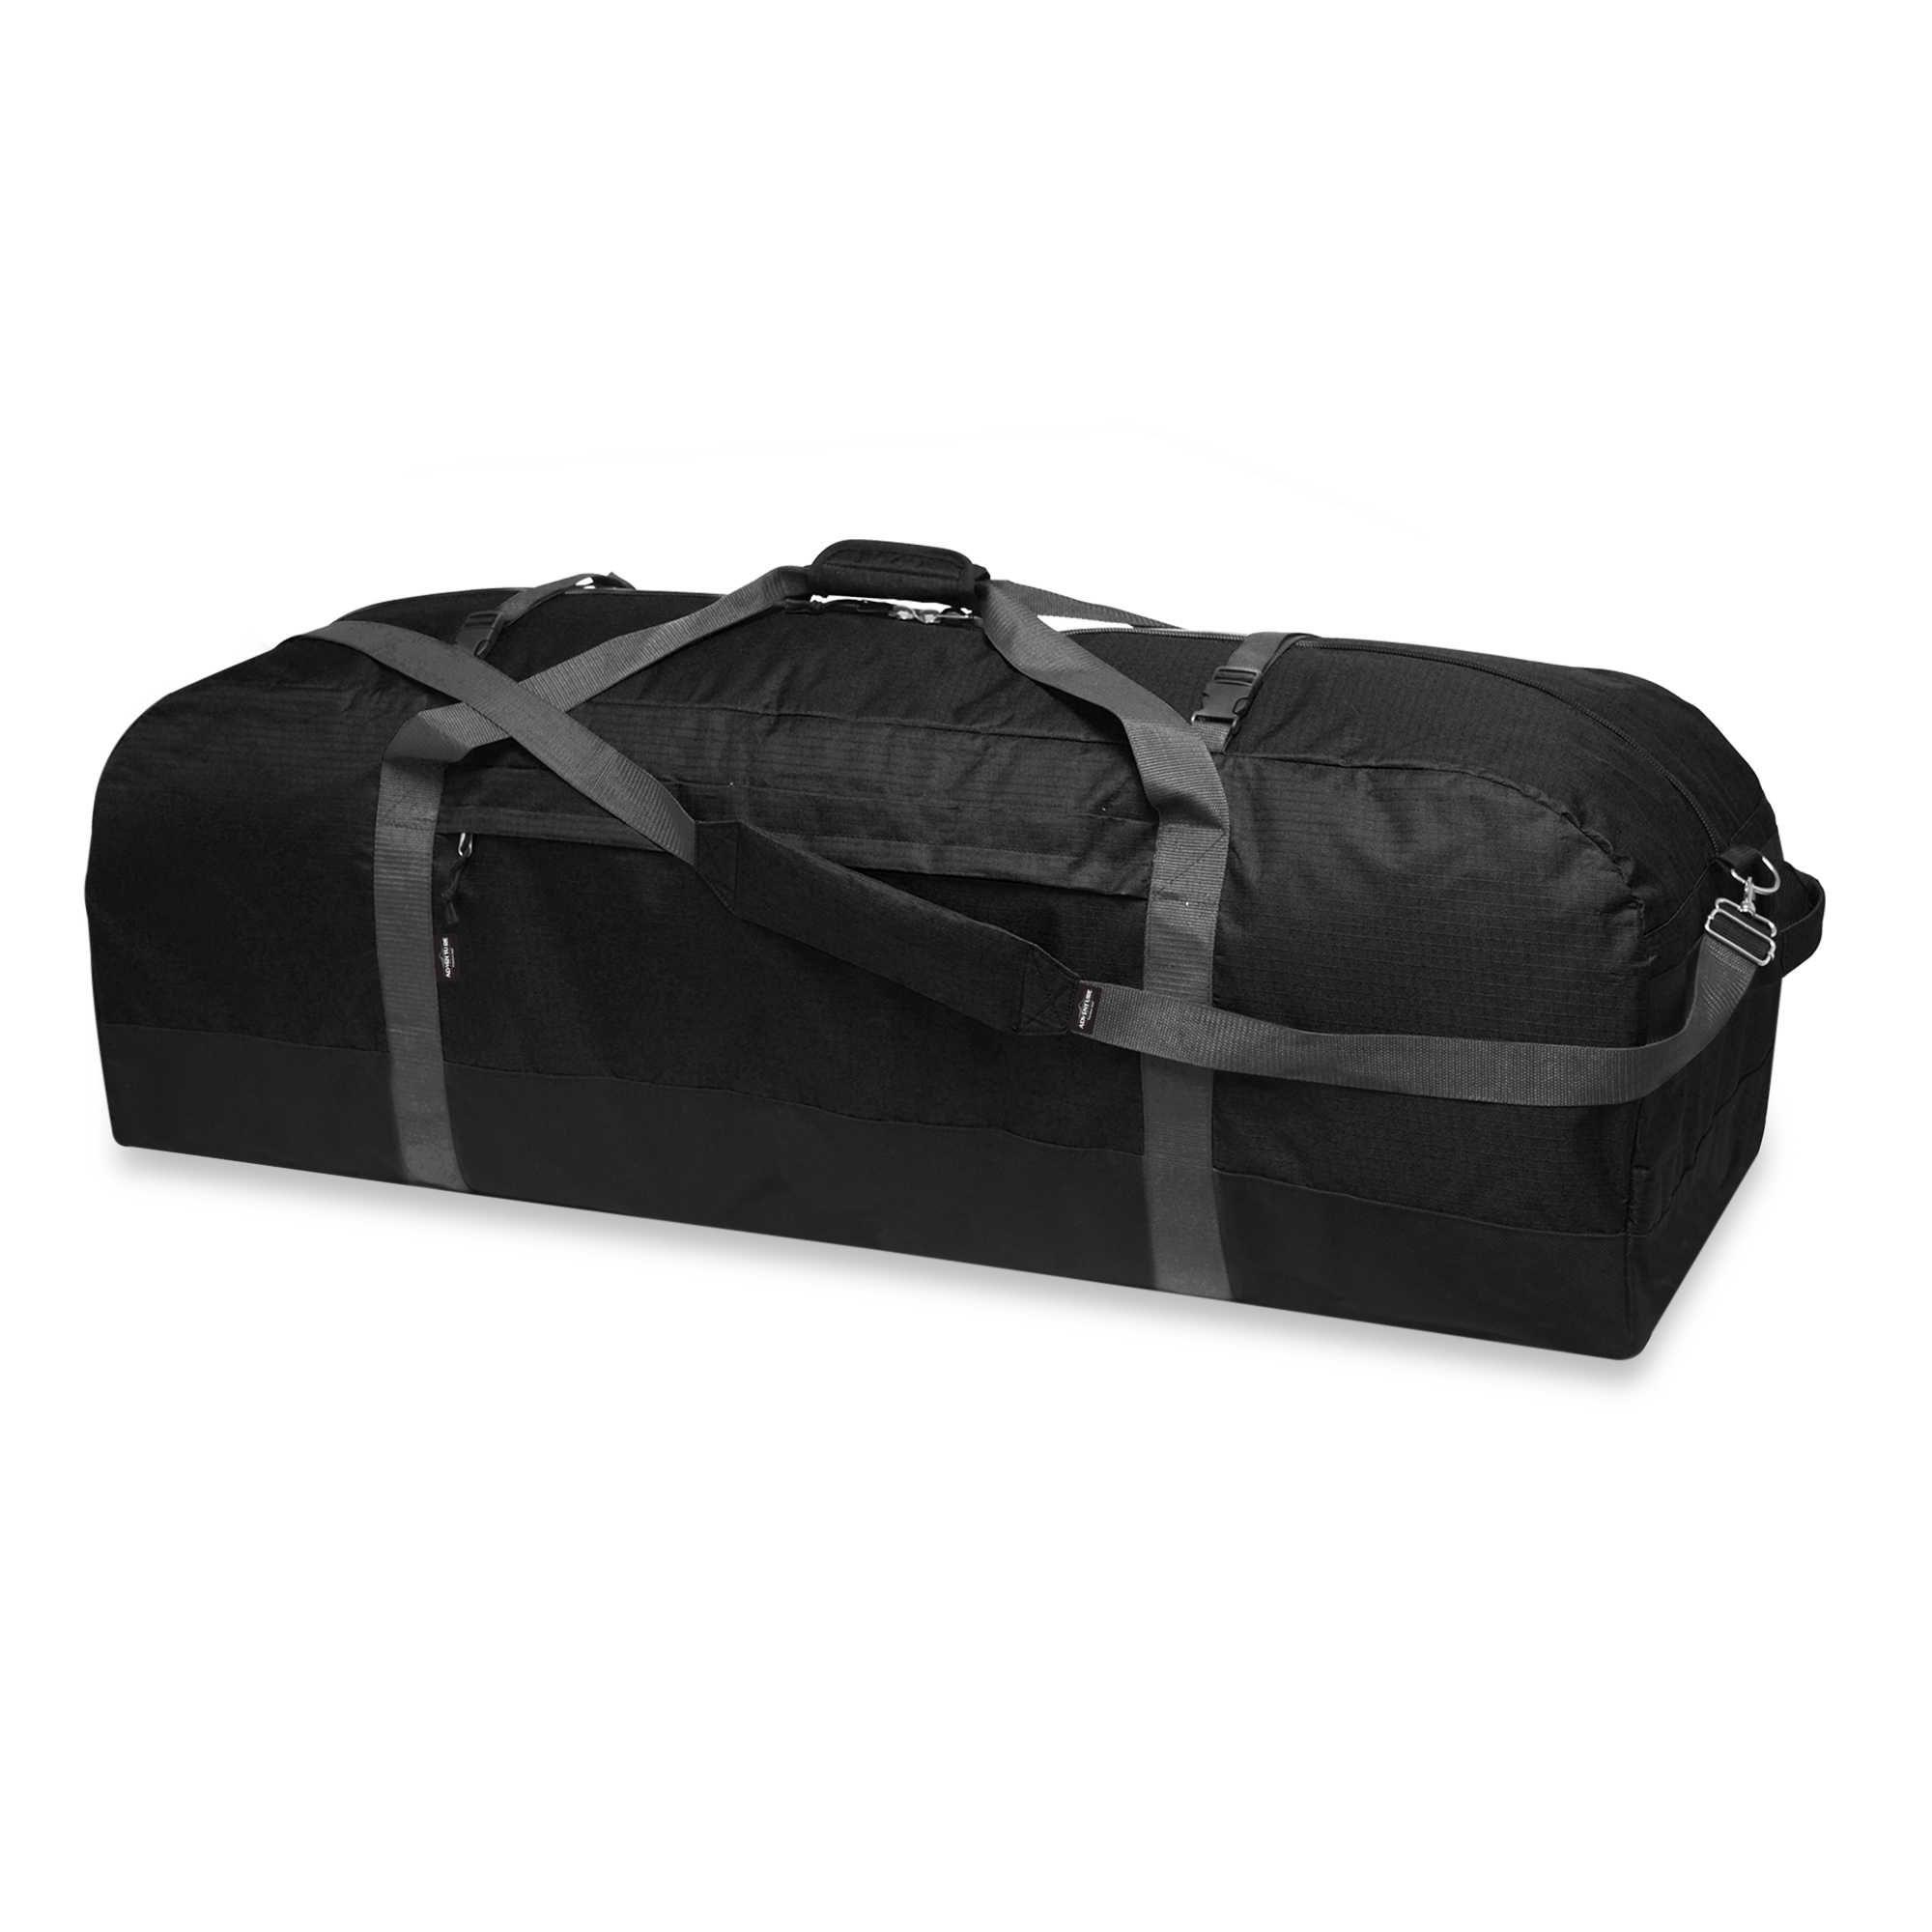 5cefa9e7f6fd Travelers Club® 48-Inch Jumbo Duffel Bag in Black